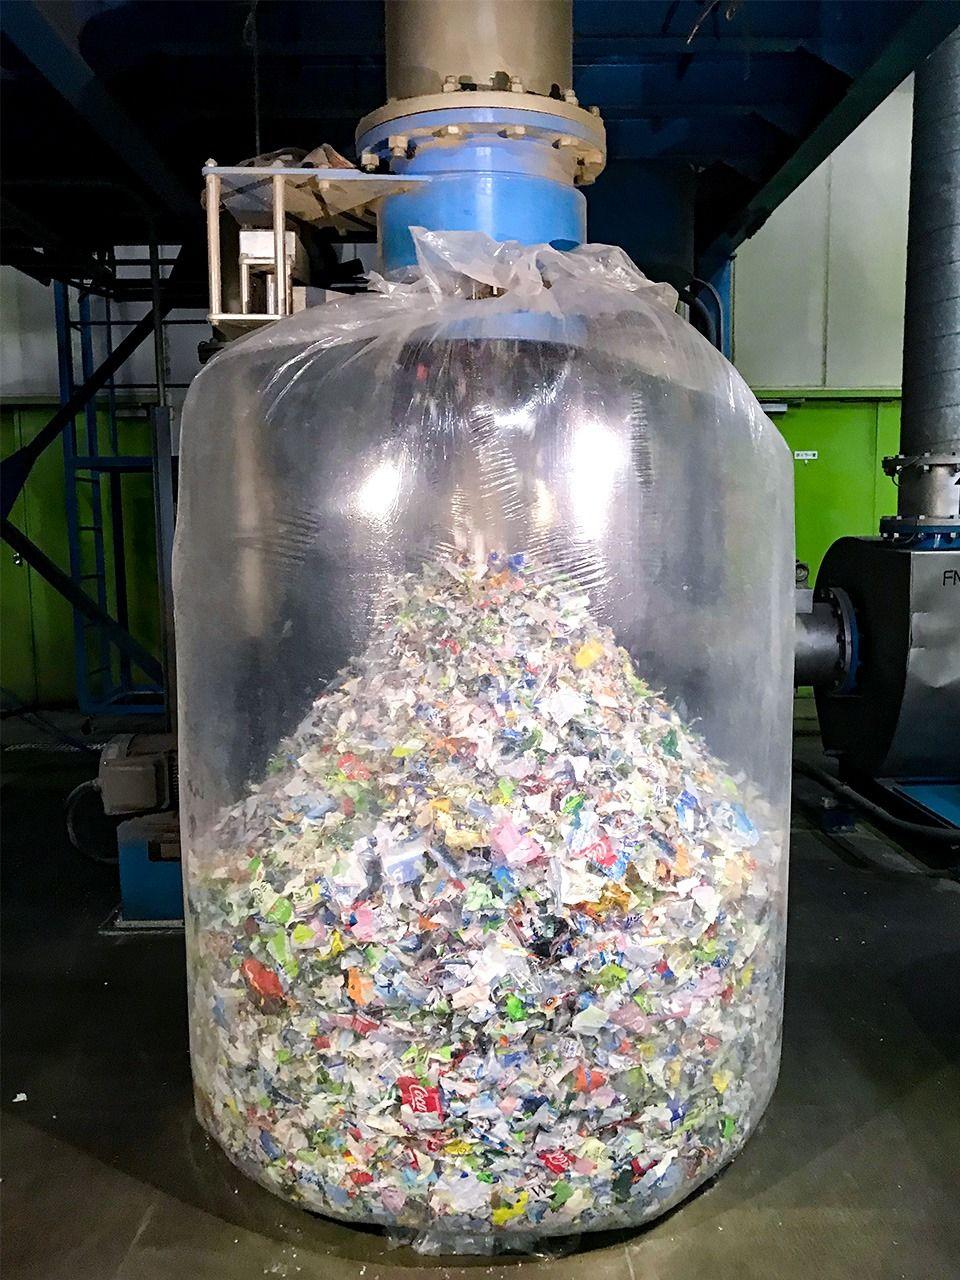 Гигантский пакет заполнен измельчёнными бутылочными этикетками. Струи сжатого воздуха помогают отделить фрагменты этикеток от ПЭТ-хлопьев